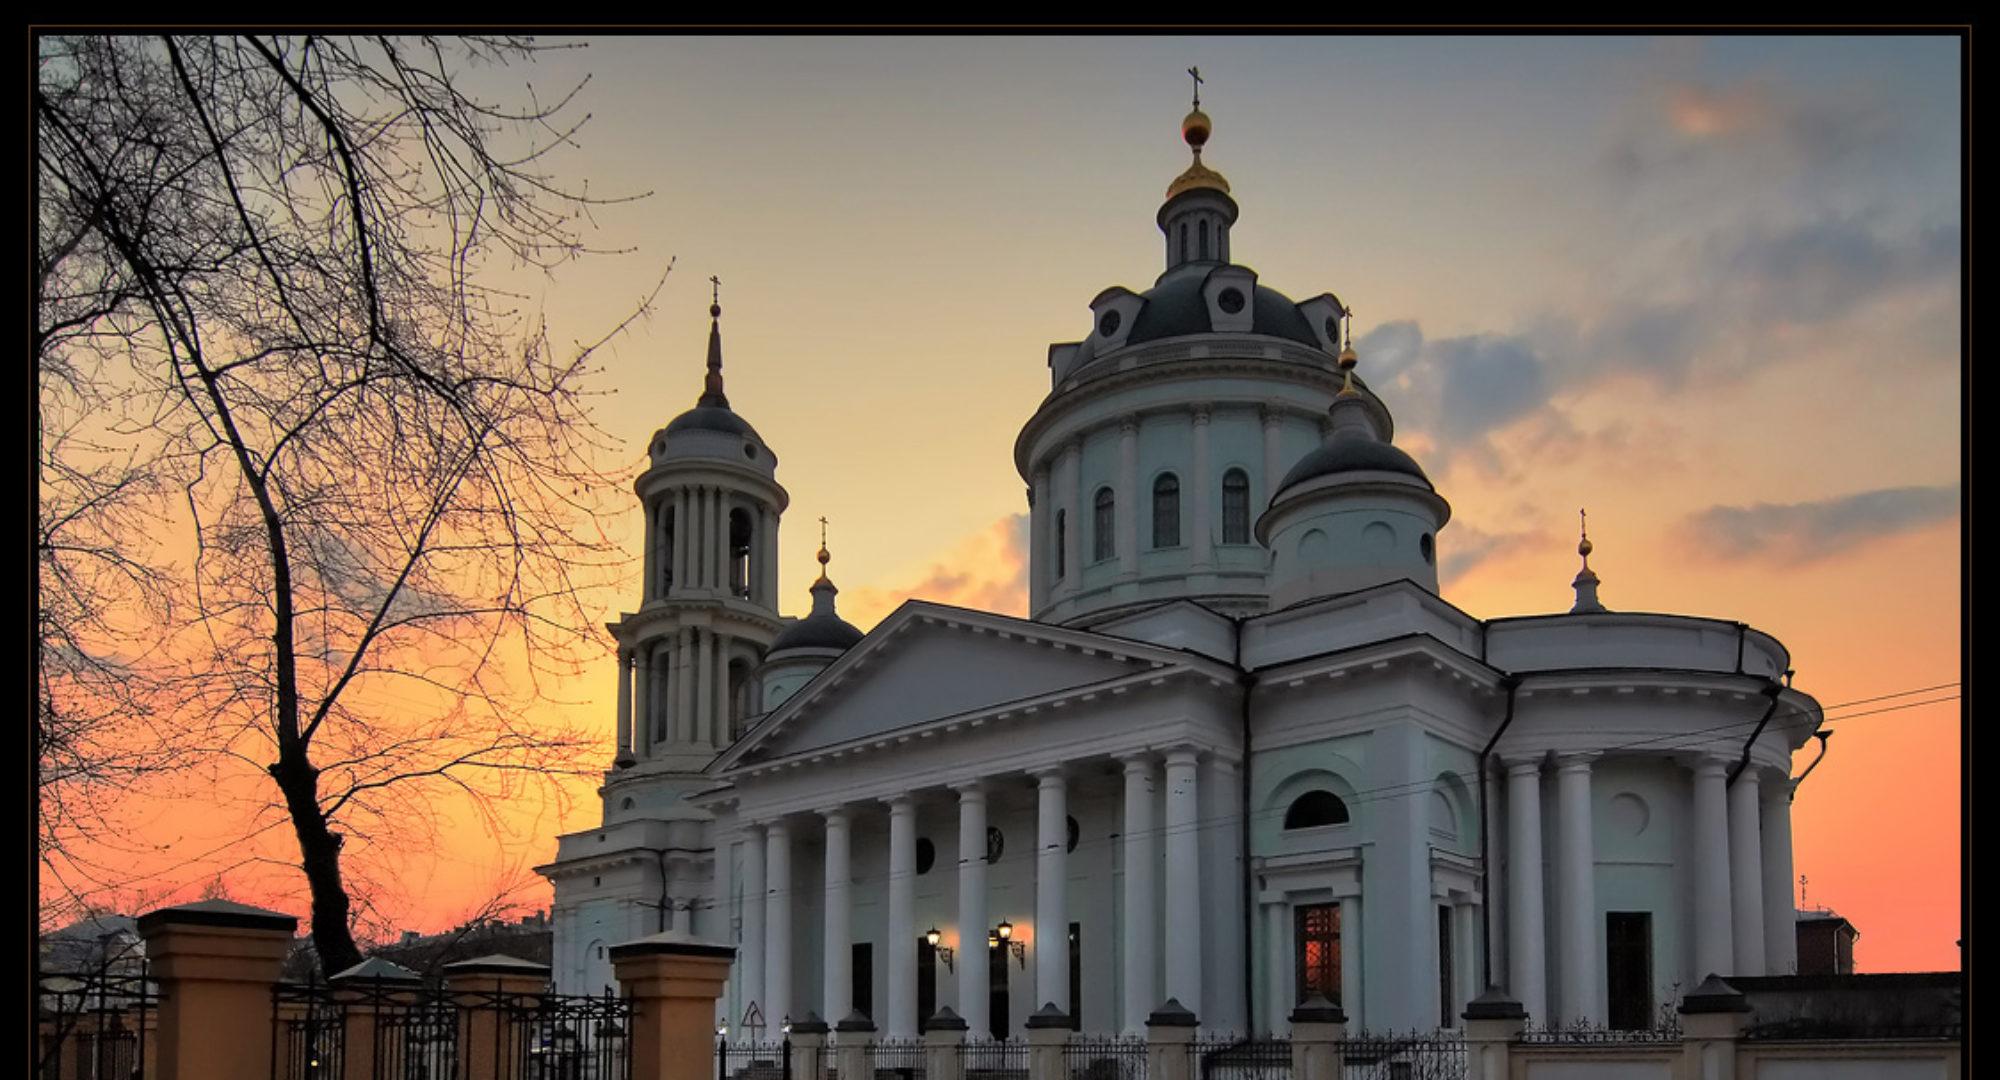 Храм святителя Мартина Исповедника Папы Римского (Вознесения Господня) в Алексеевской Новой Слободе